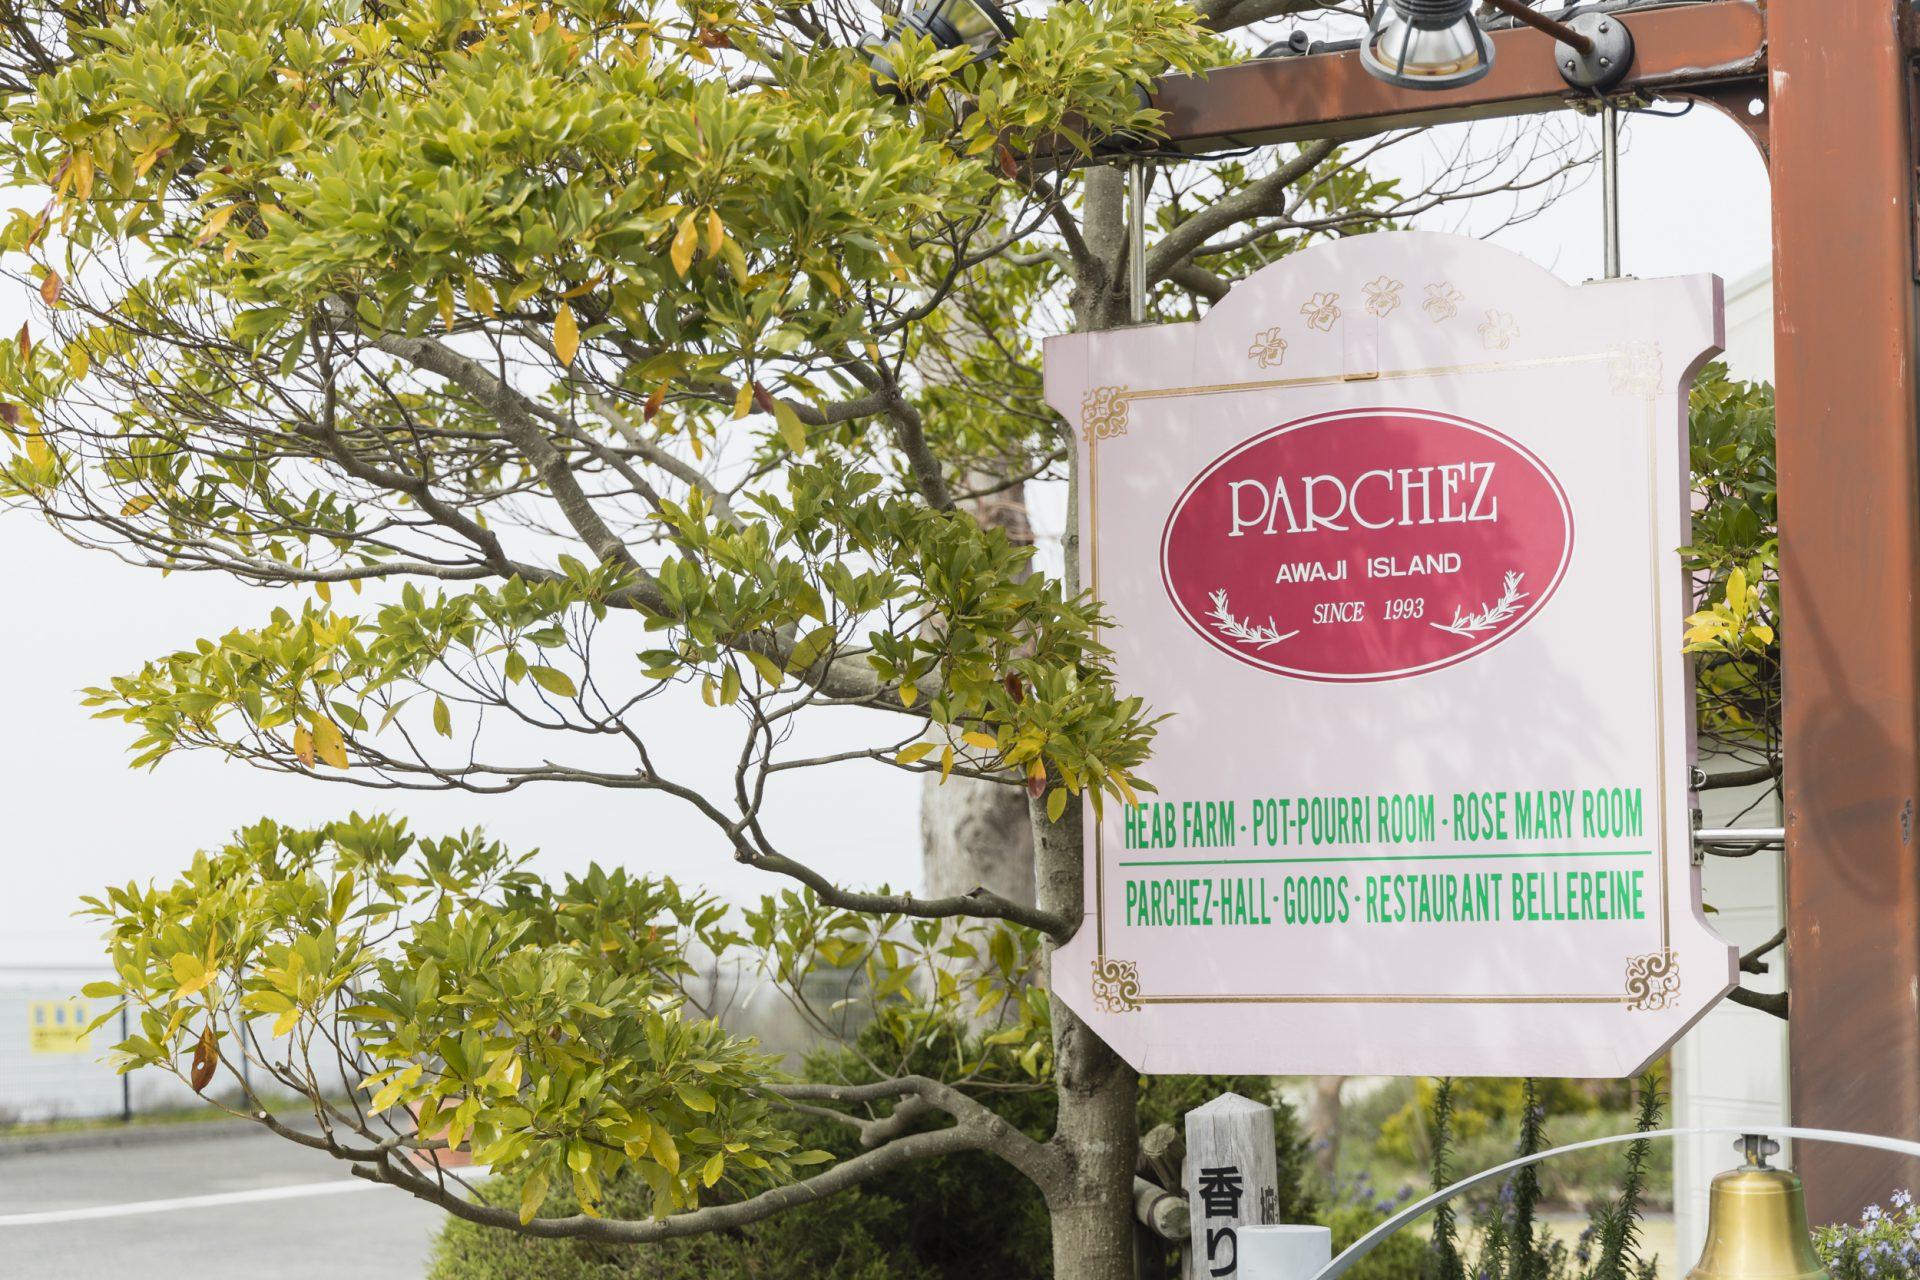 玉ねぎといえば淡路島!ひたむきに本物の味を届ける竹原物産(株)の人気が商品が、淡路市の人気観光施設「パルシェ香りの館」で購入できます!